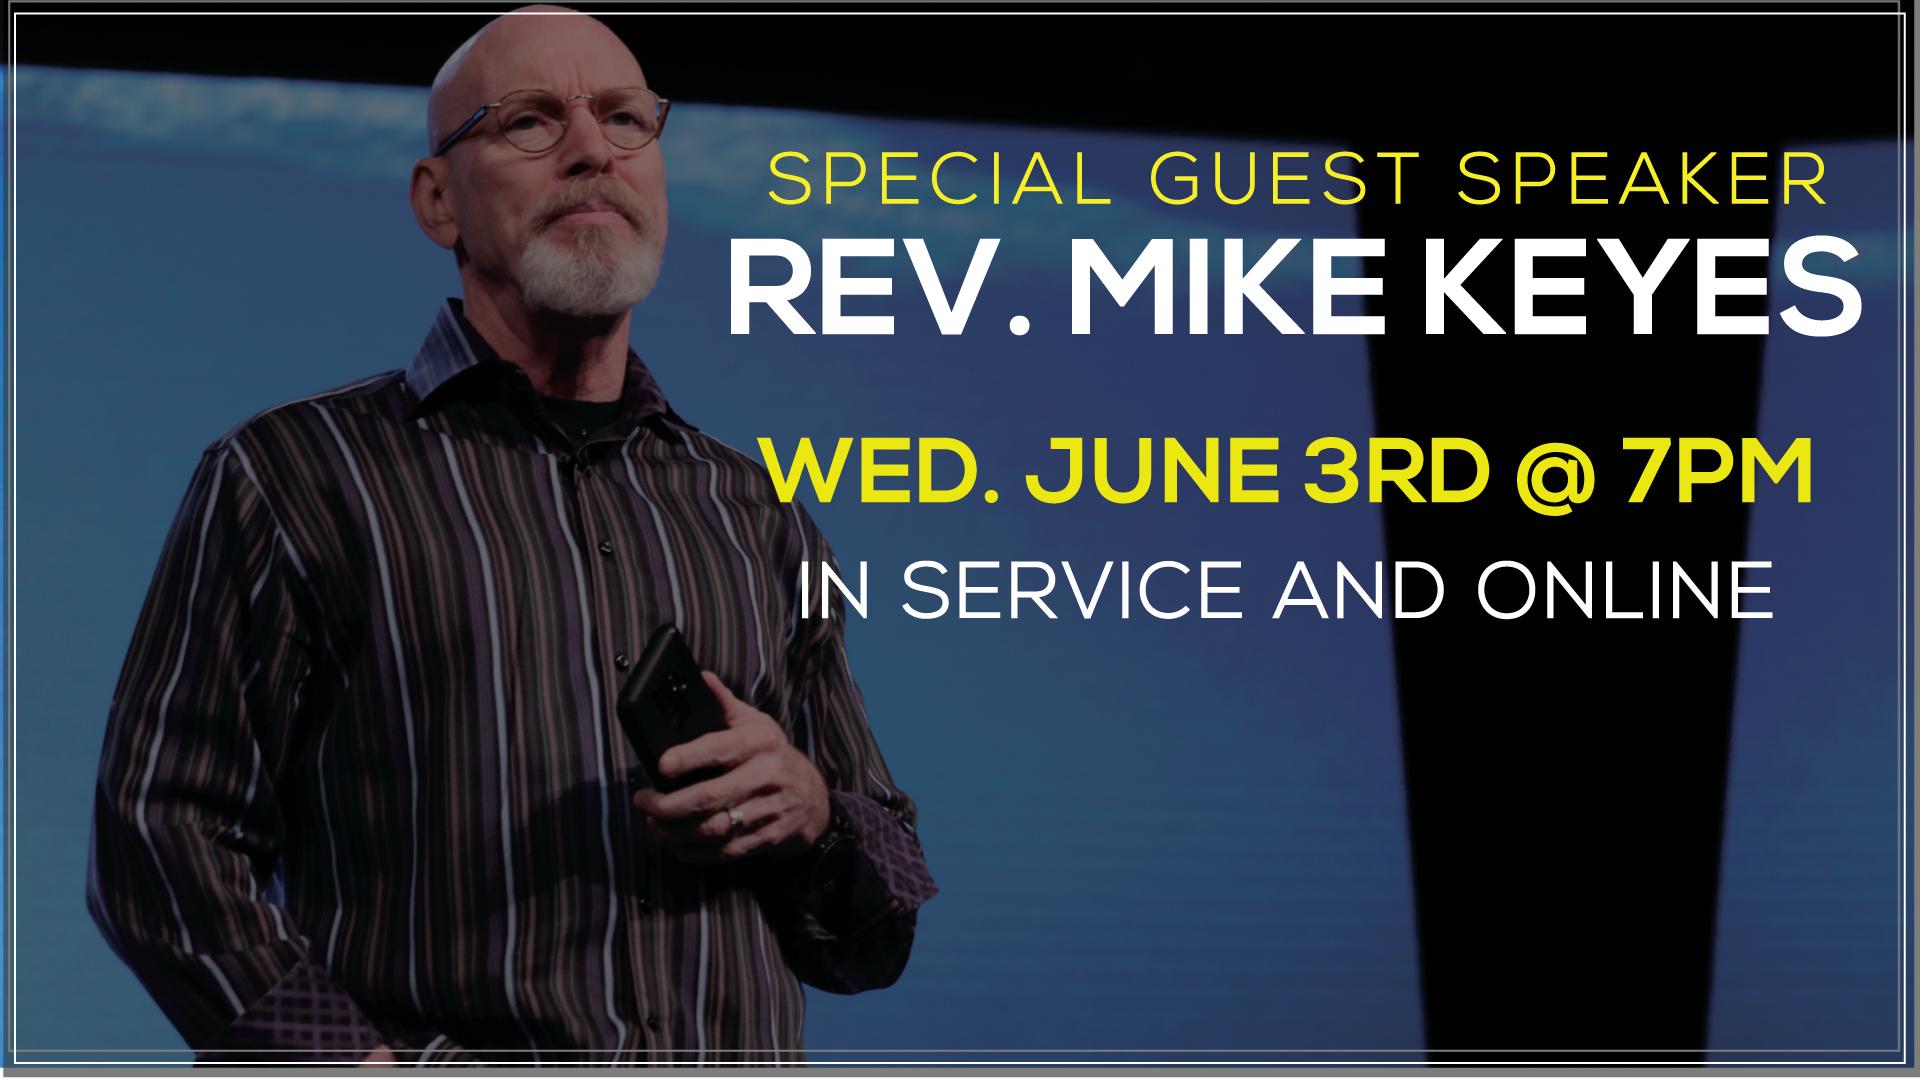 Rev. Mke Keyes